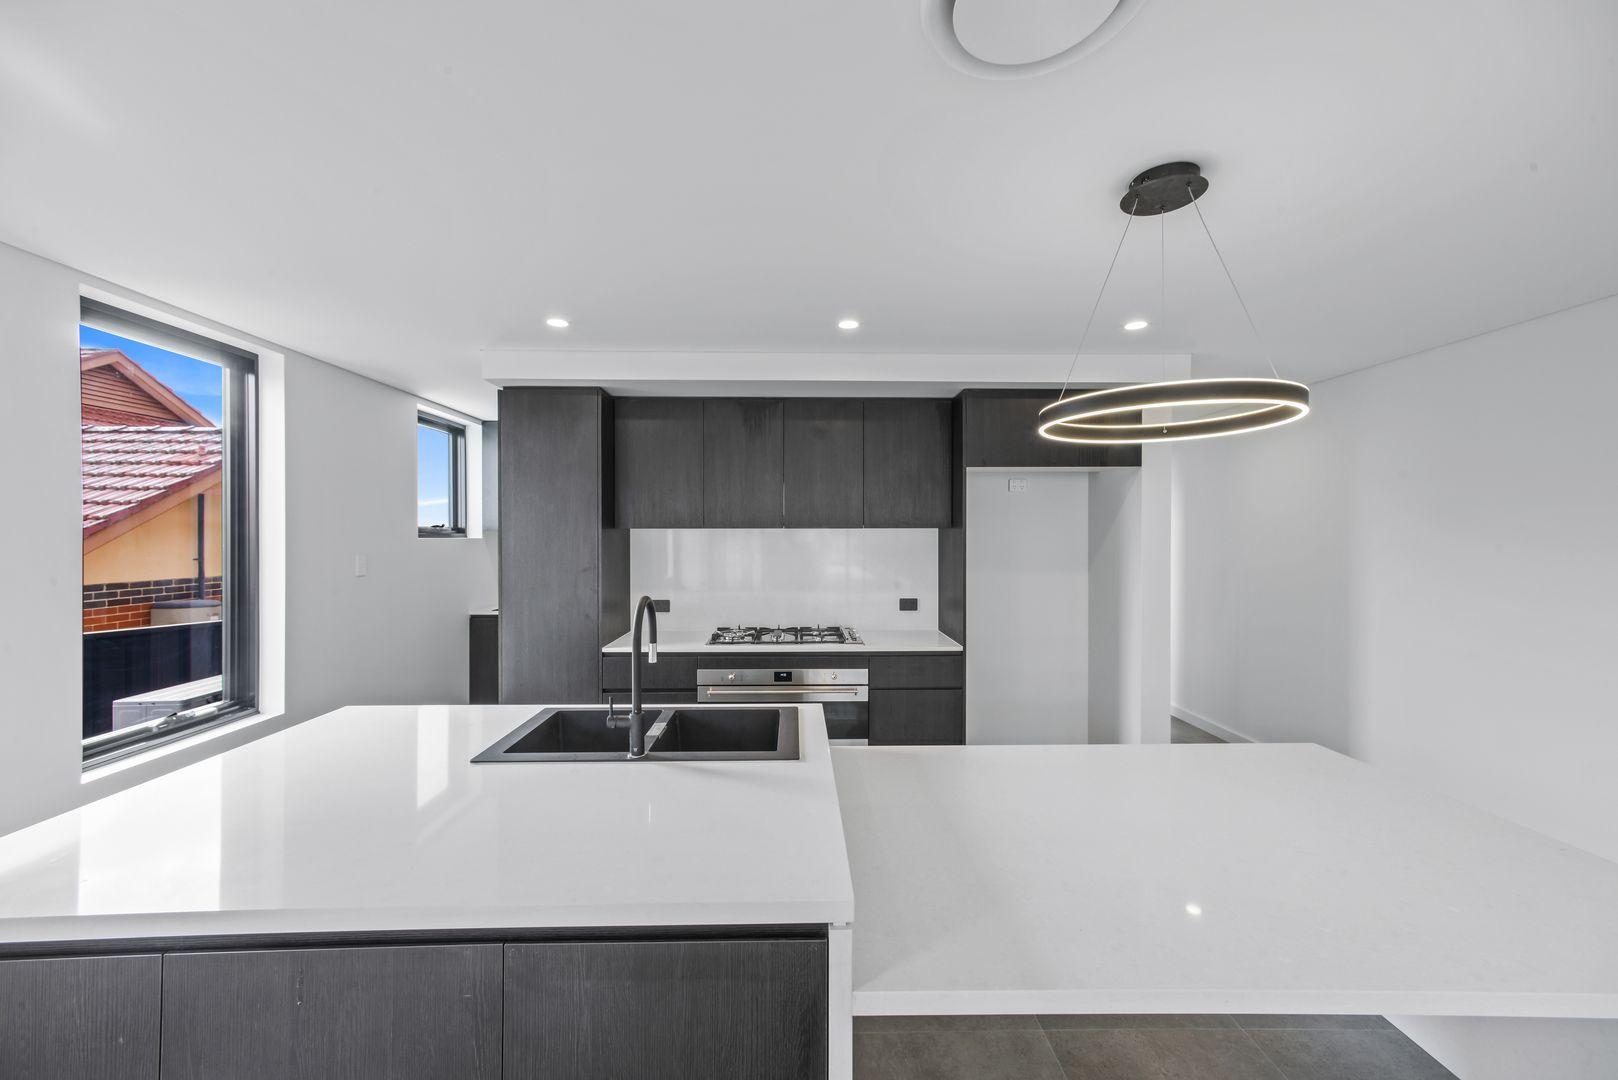 79 Edenholme Road, Wareemba NSW 2046, Image 1